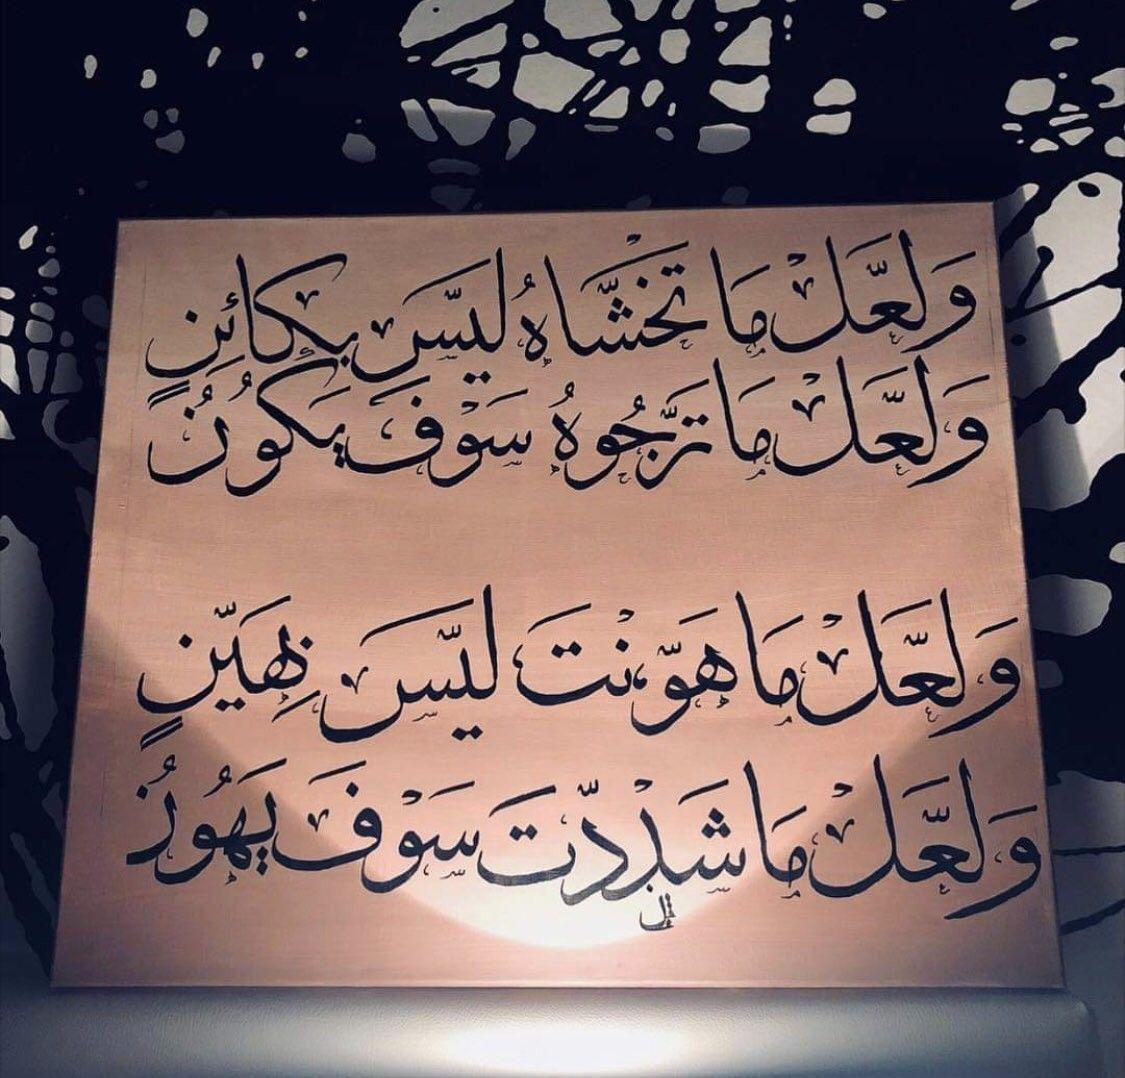 ولعل ما ترجوه سوف يكون Arabic Font Quotes Remember Why You Started